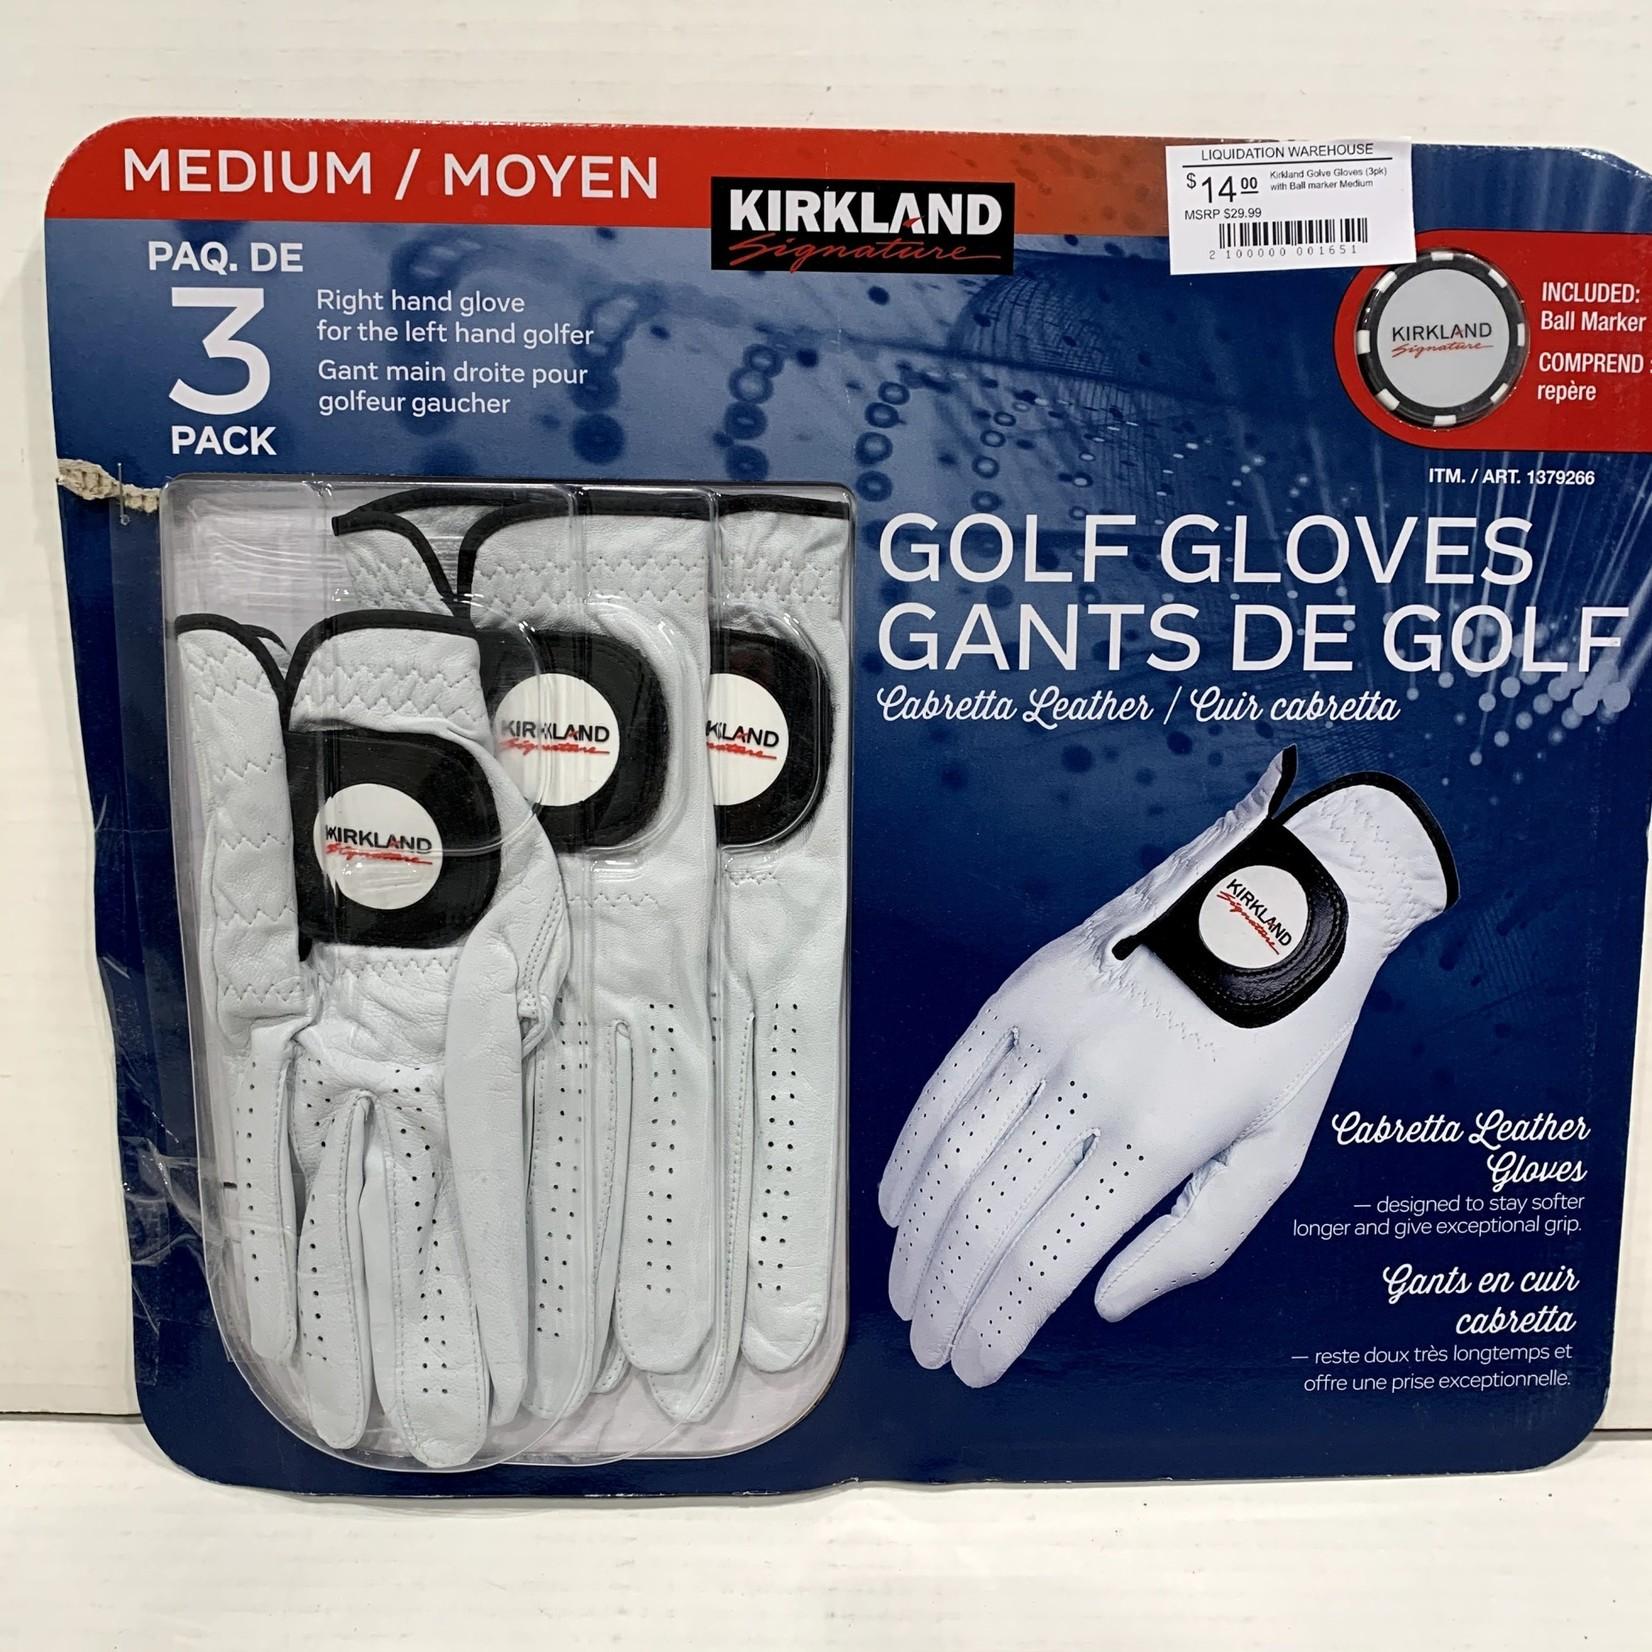 Kirkland Golf Gloves (3pk)